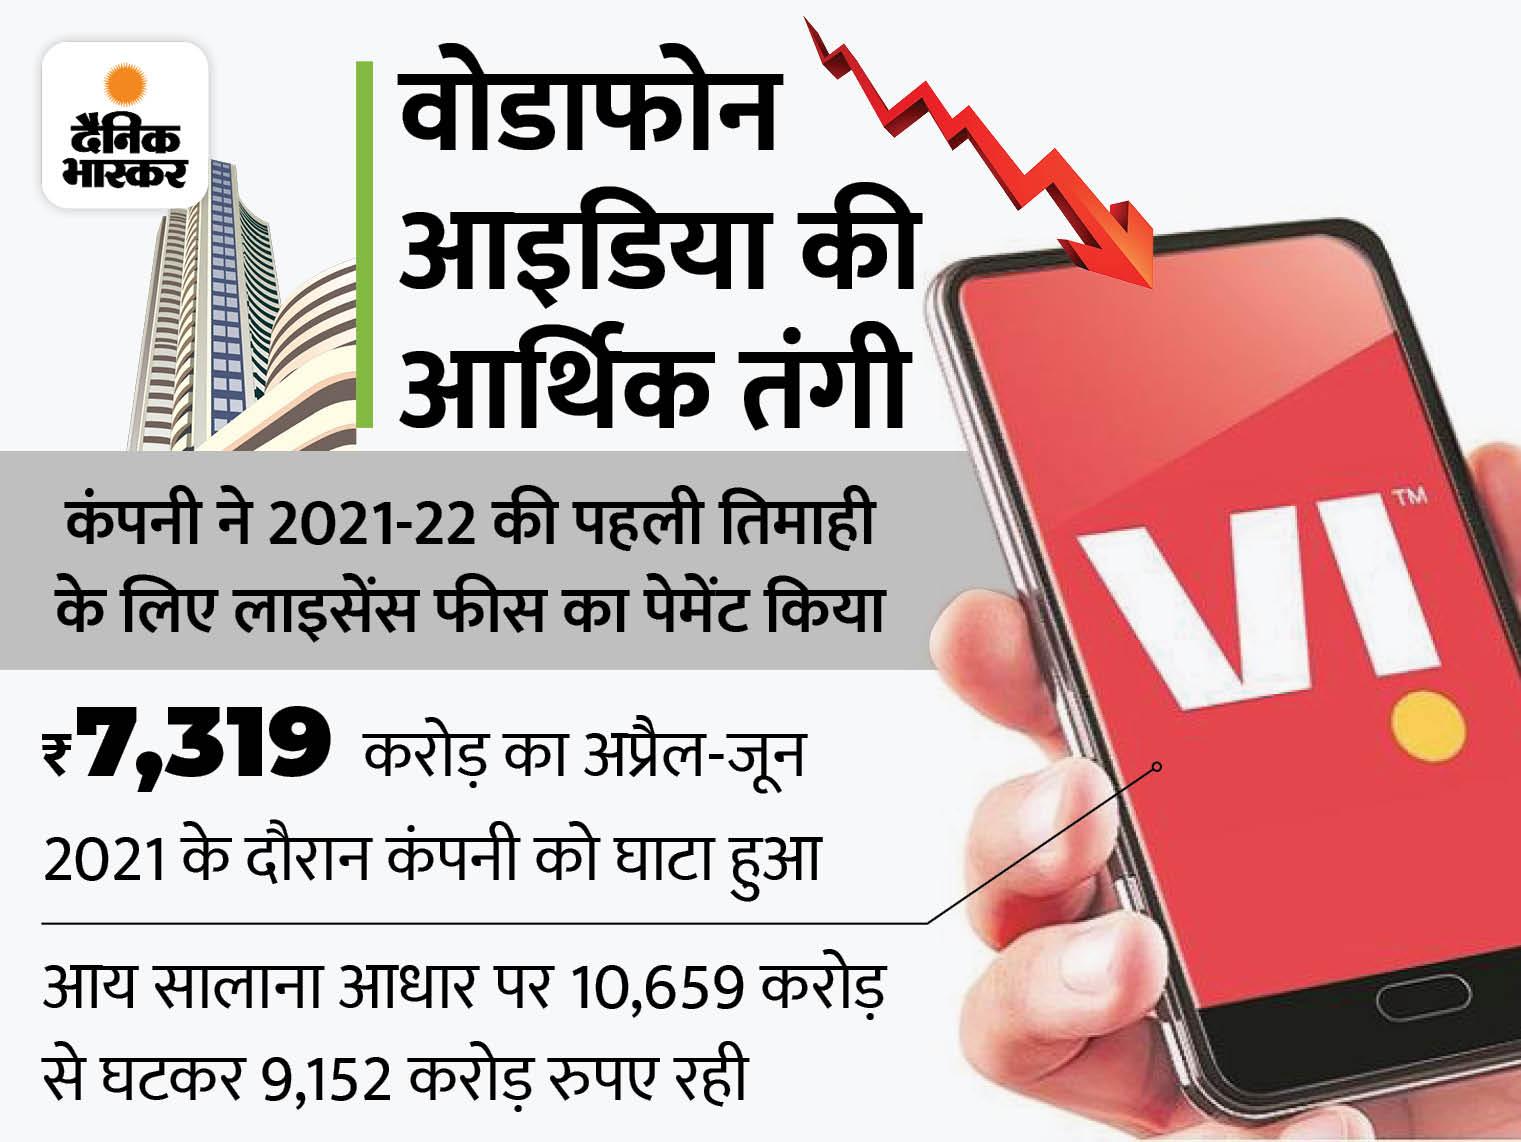 वोडाफोन आइडिया ने पहली तिमाही में लाइसेंस फीस का पेमेंट किया, 30 जून तक कंपनी पर 1.91 लाख करोड़ का कर्ज|बिजनेस,Business - Dainik Bhaskar